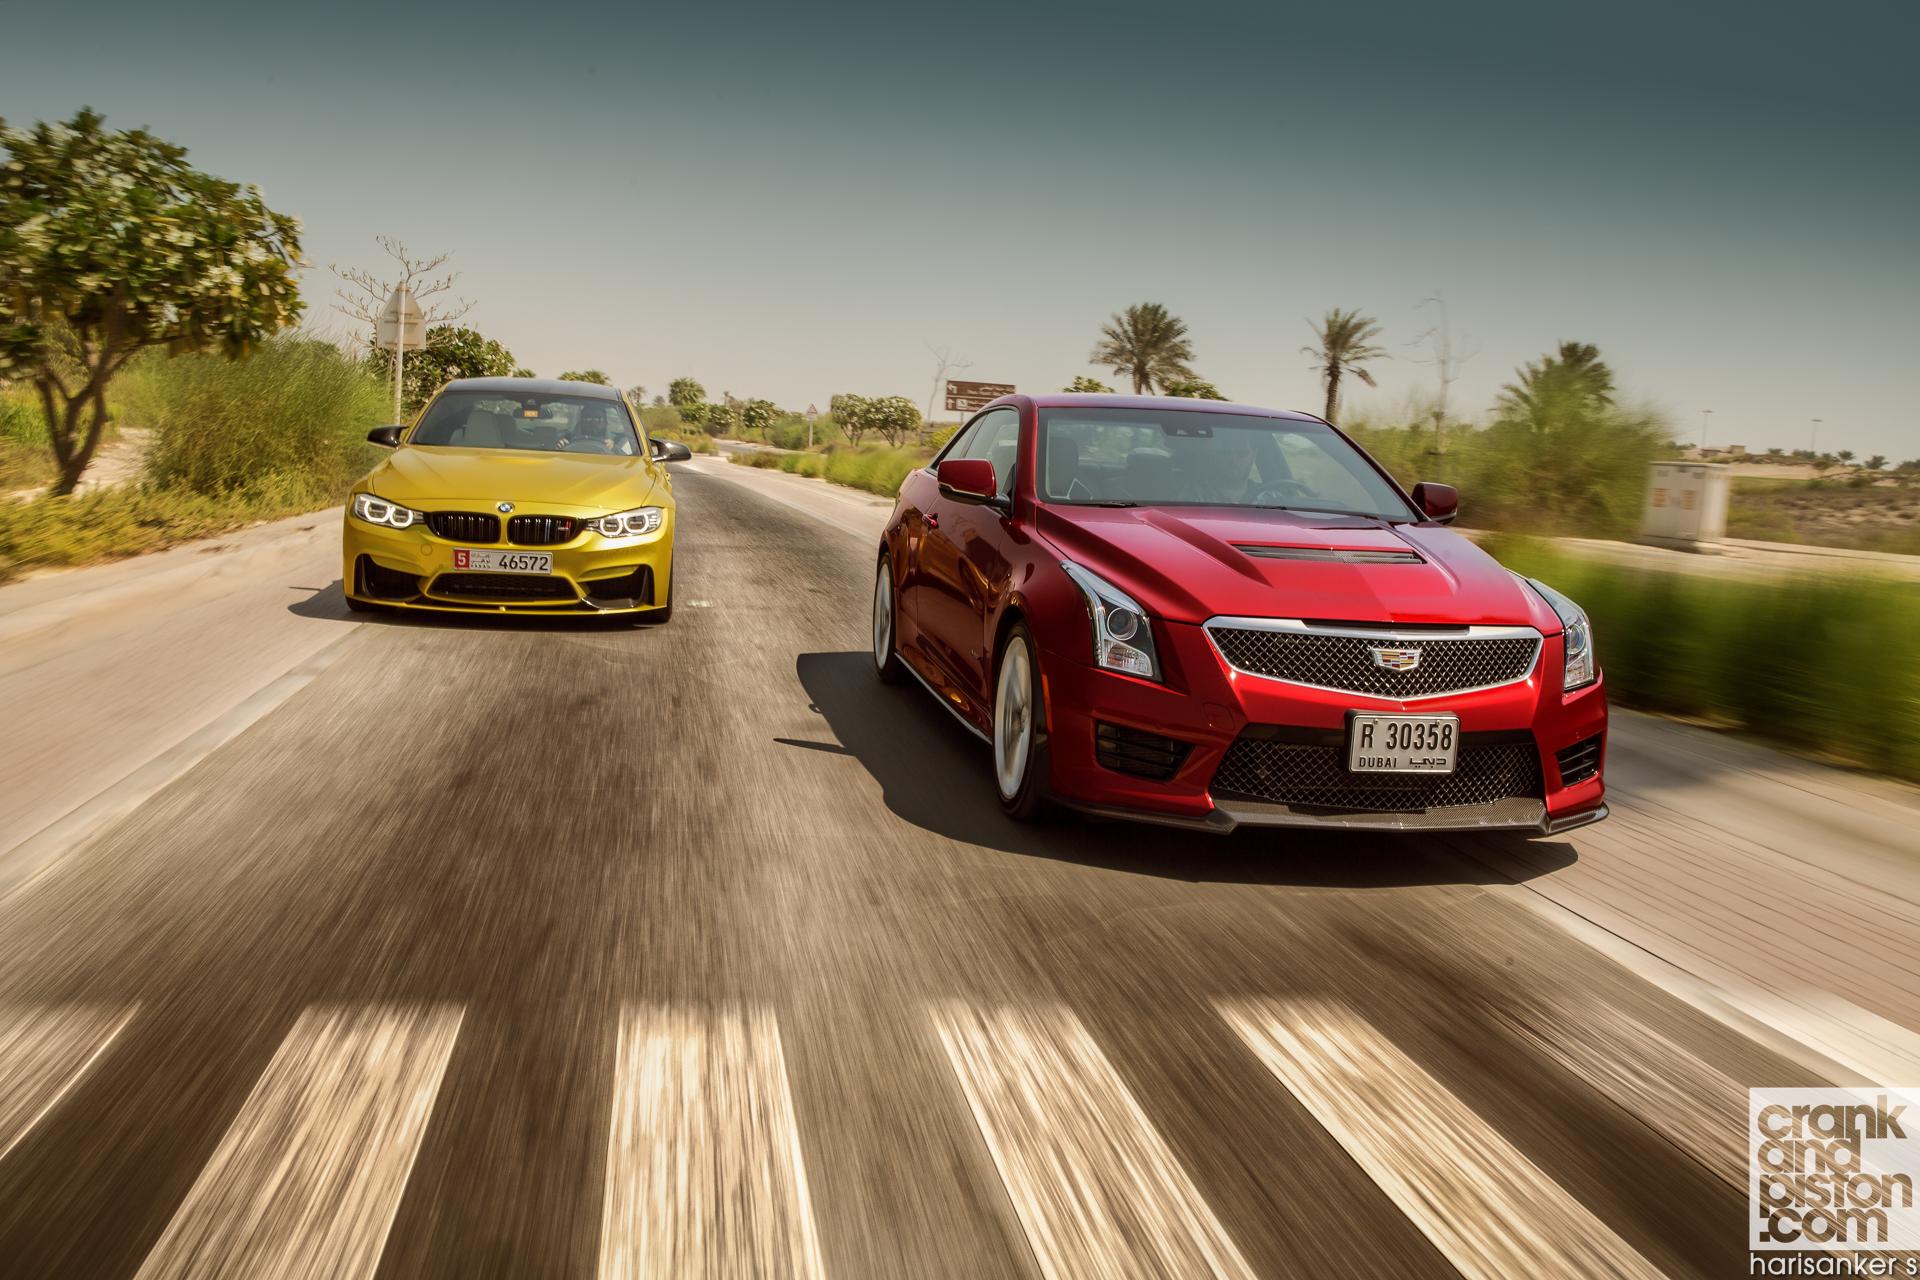 Cadillac-ATS-V-vs-BMW-M3-vs-Mercedes-AMG-C-63-S-4